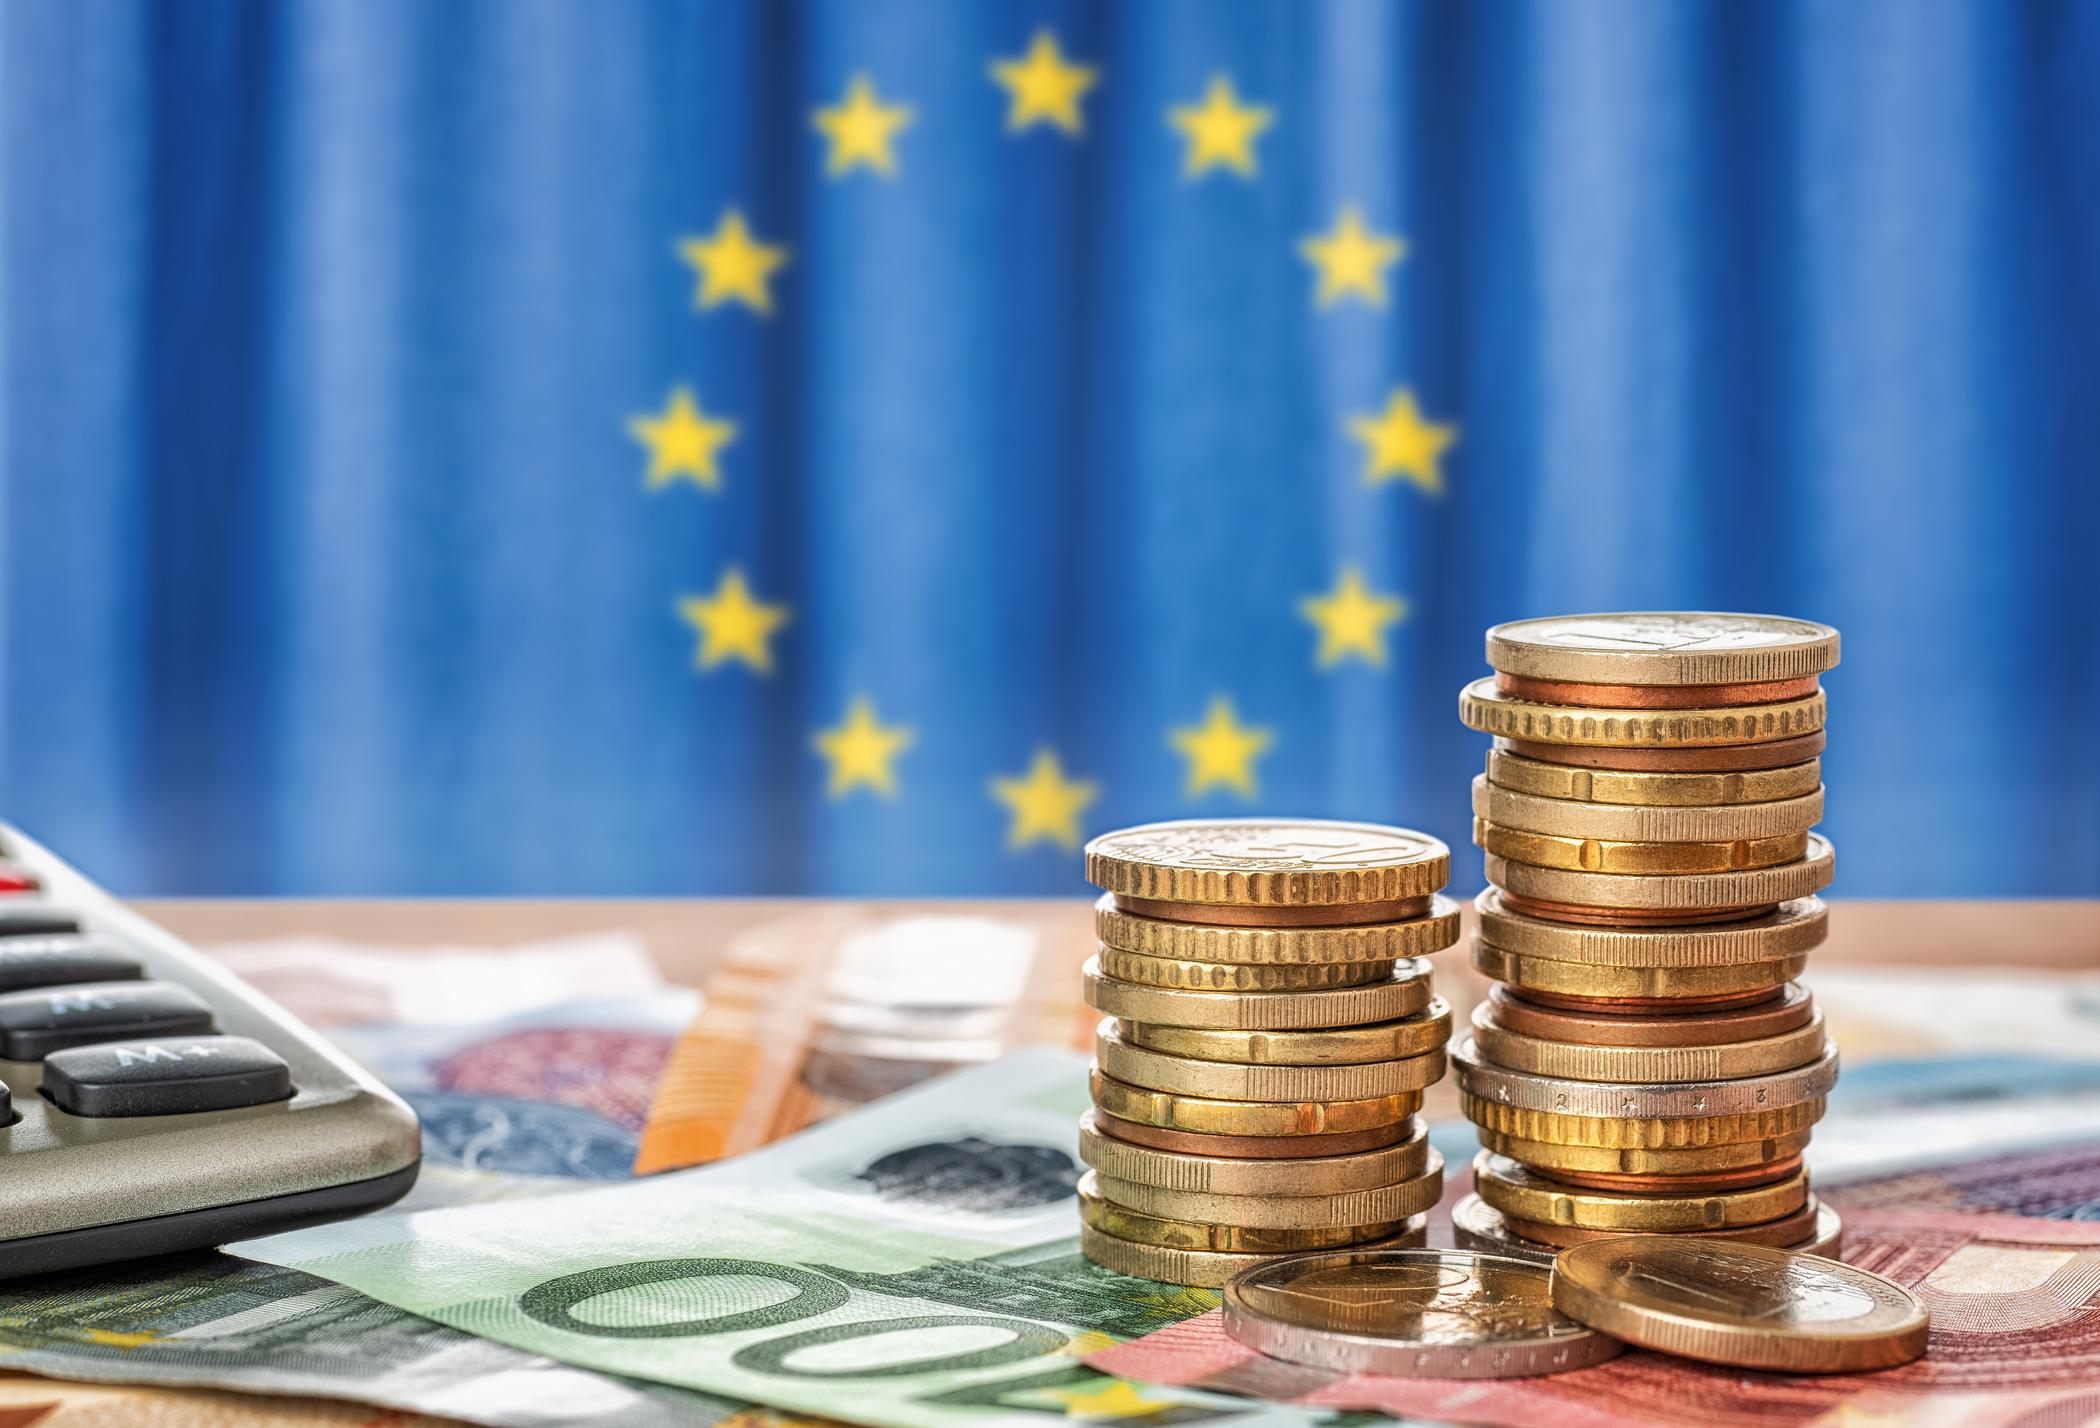 Salvarea Europei vine chiar de la ea insasi